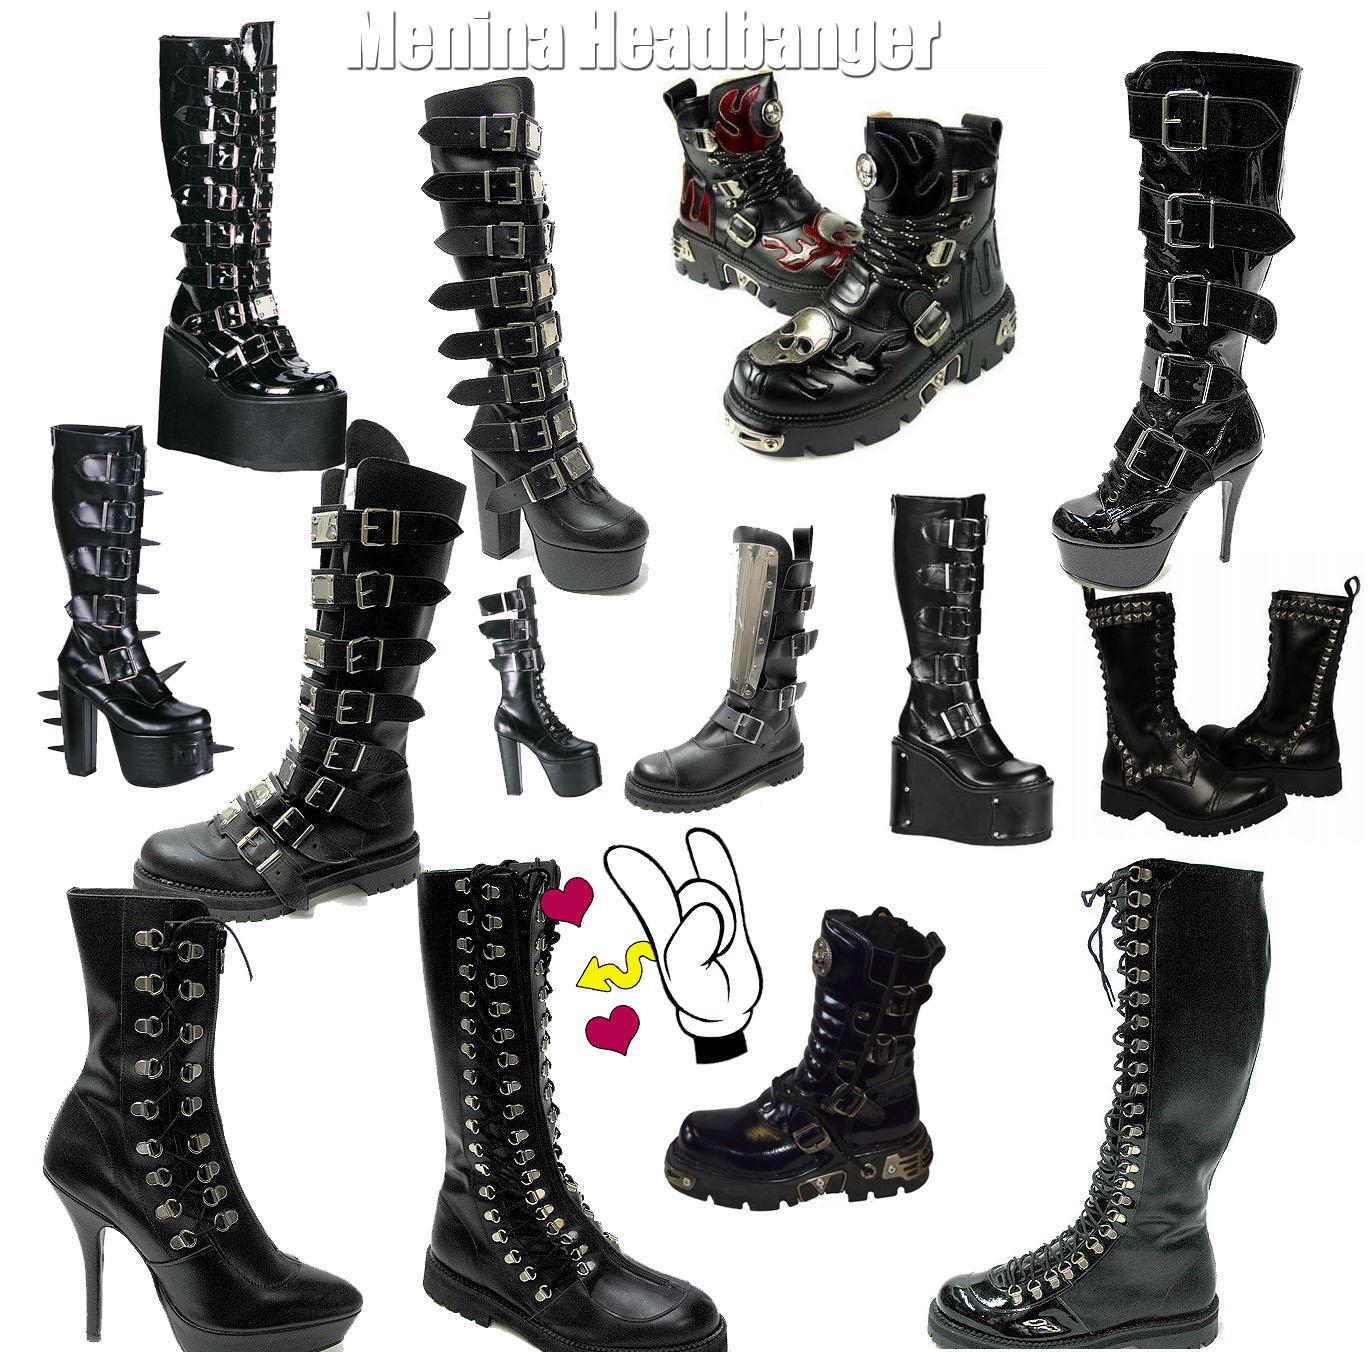 7b880f6f20 Sapatos  Botas e Coturnos no Rock e Heavy Metal - Menina Headbanger